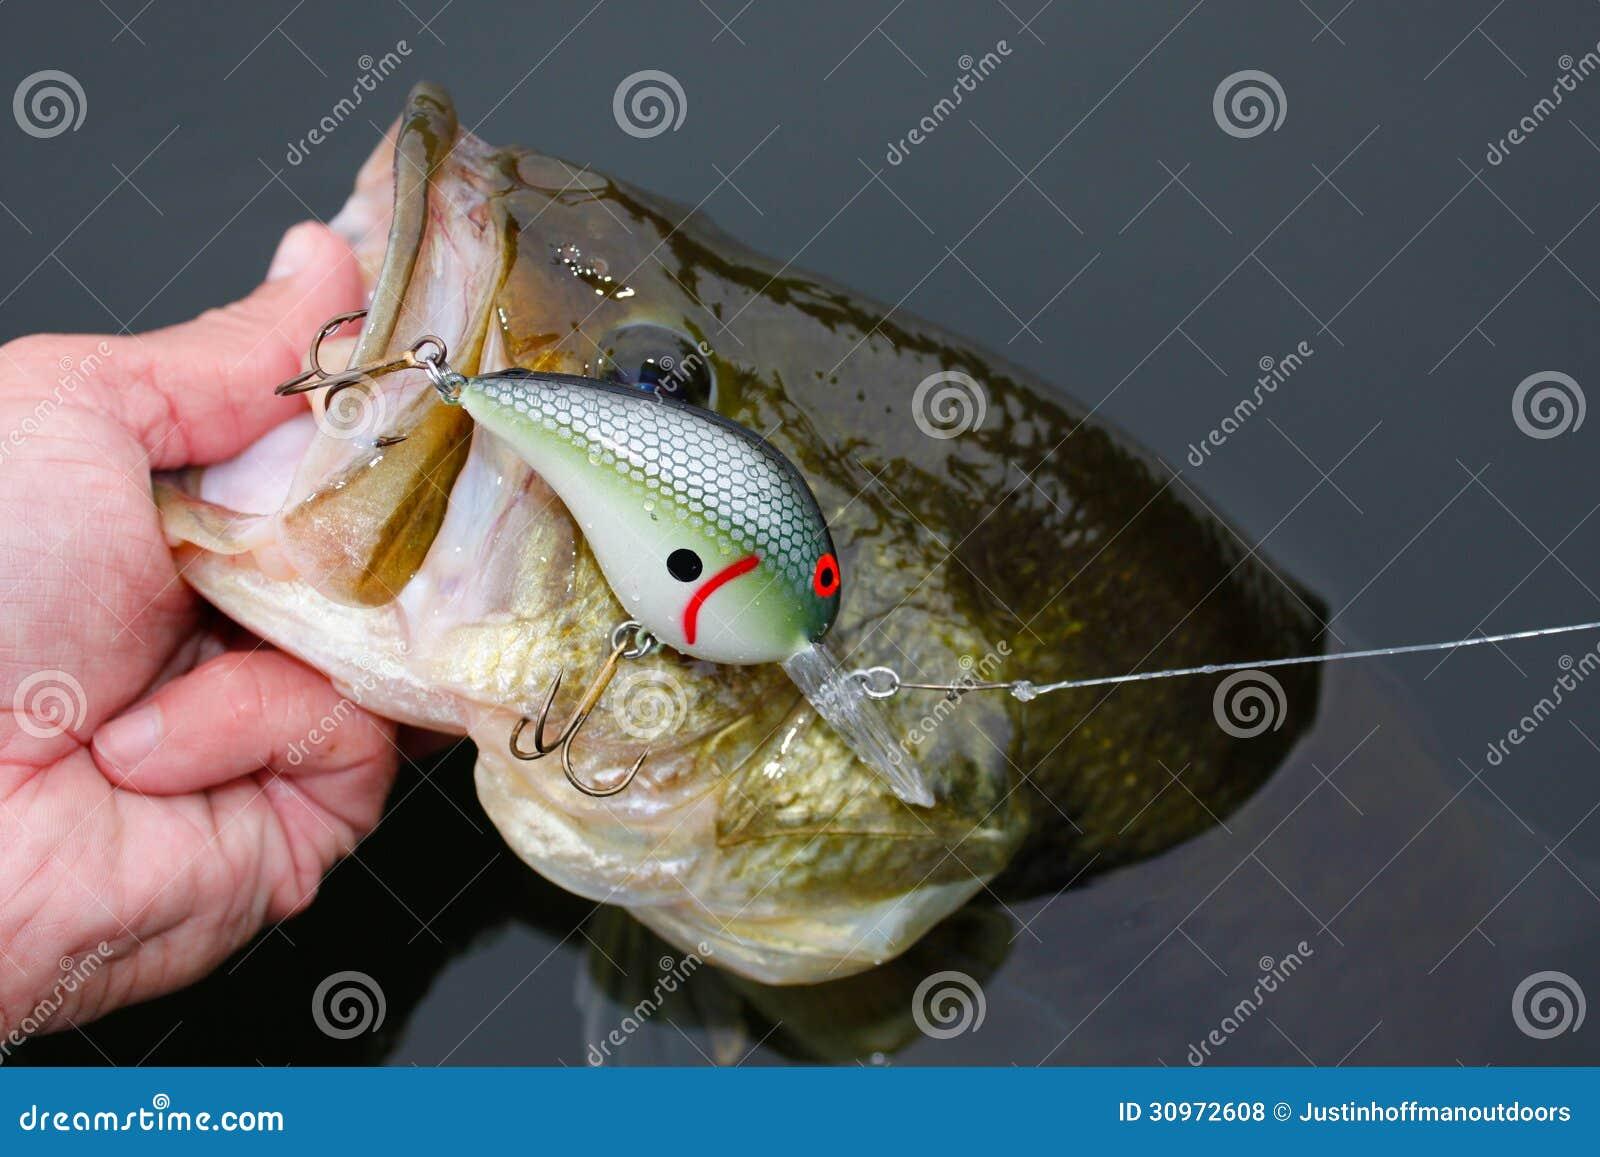 Bass Fishing Crankbait Lure mit großer Öffnung